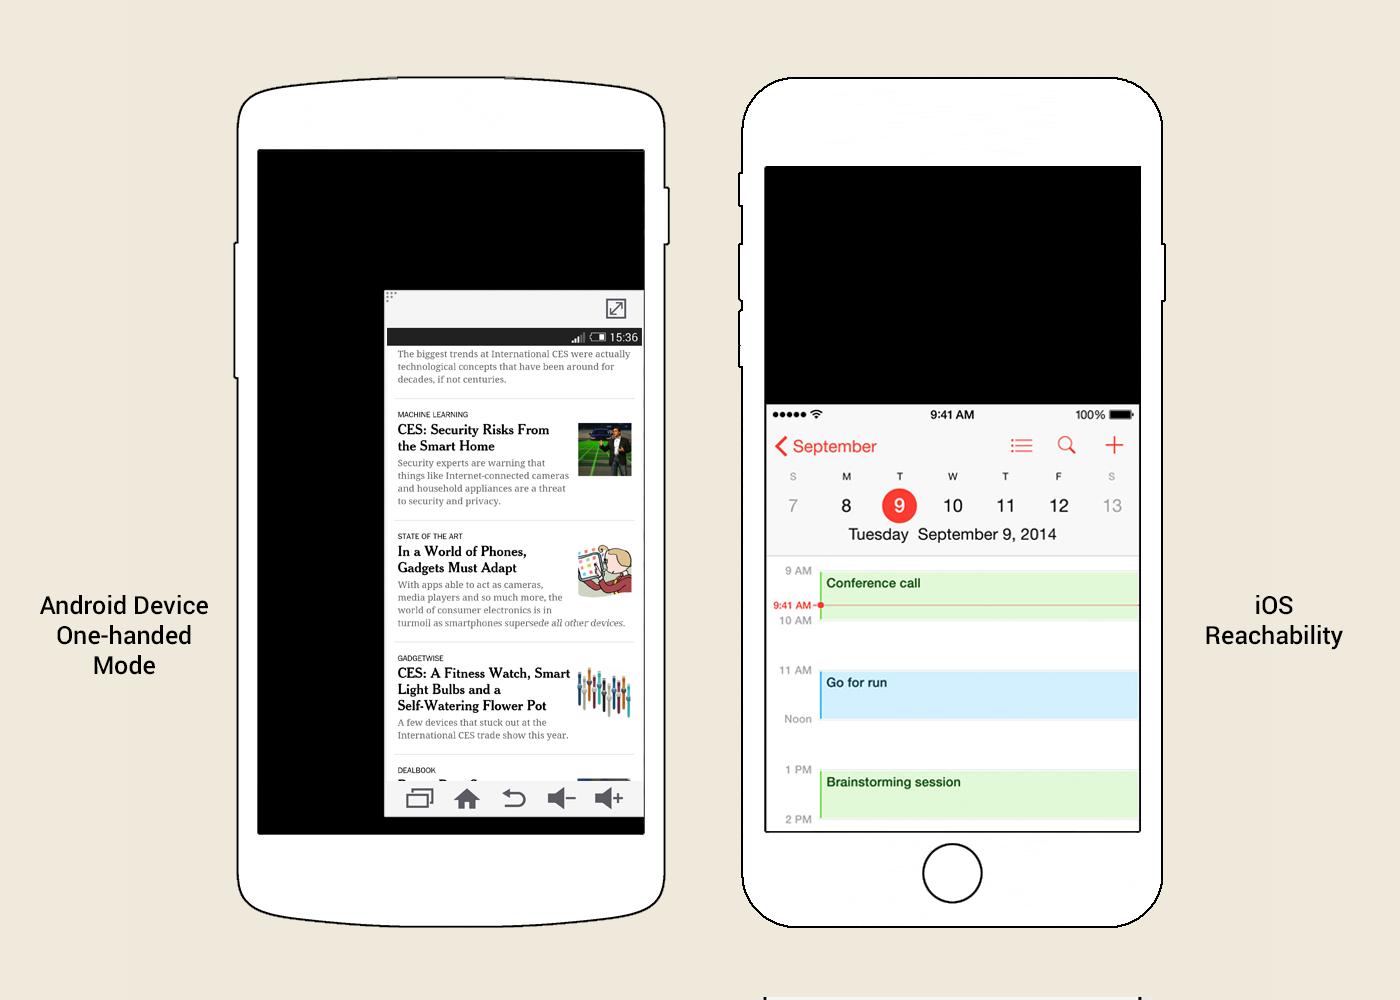 Режим One-hand Mode на некоторых Android телефонах и режим Reachability на iPhone 6.